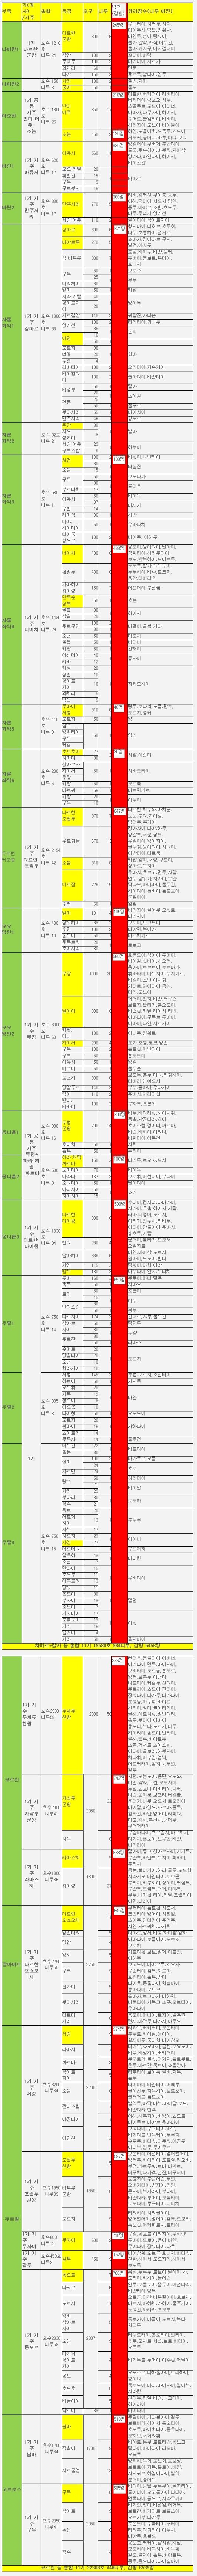 병자호란에 참전한 외번몽고 병력 현황(매우 상세함)